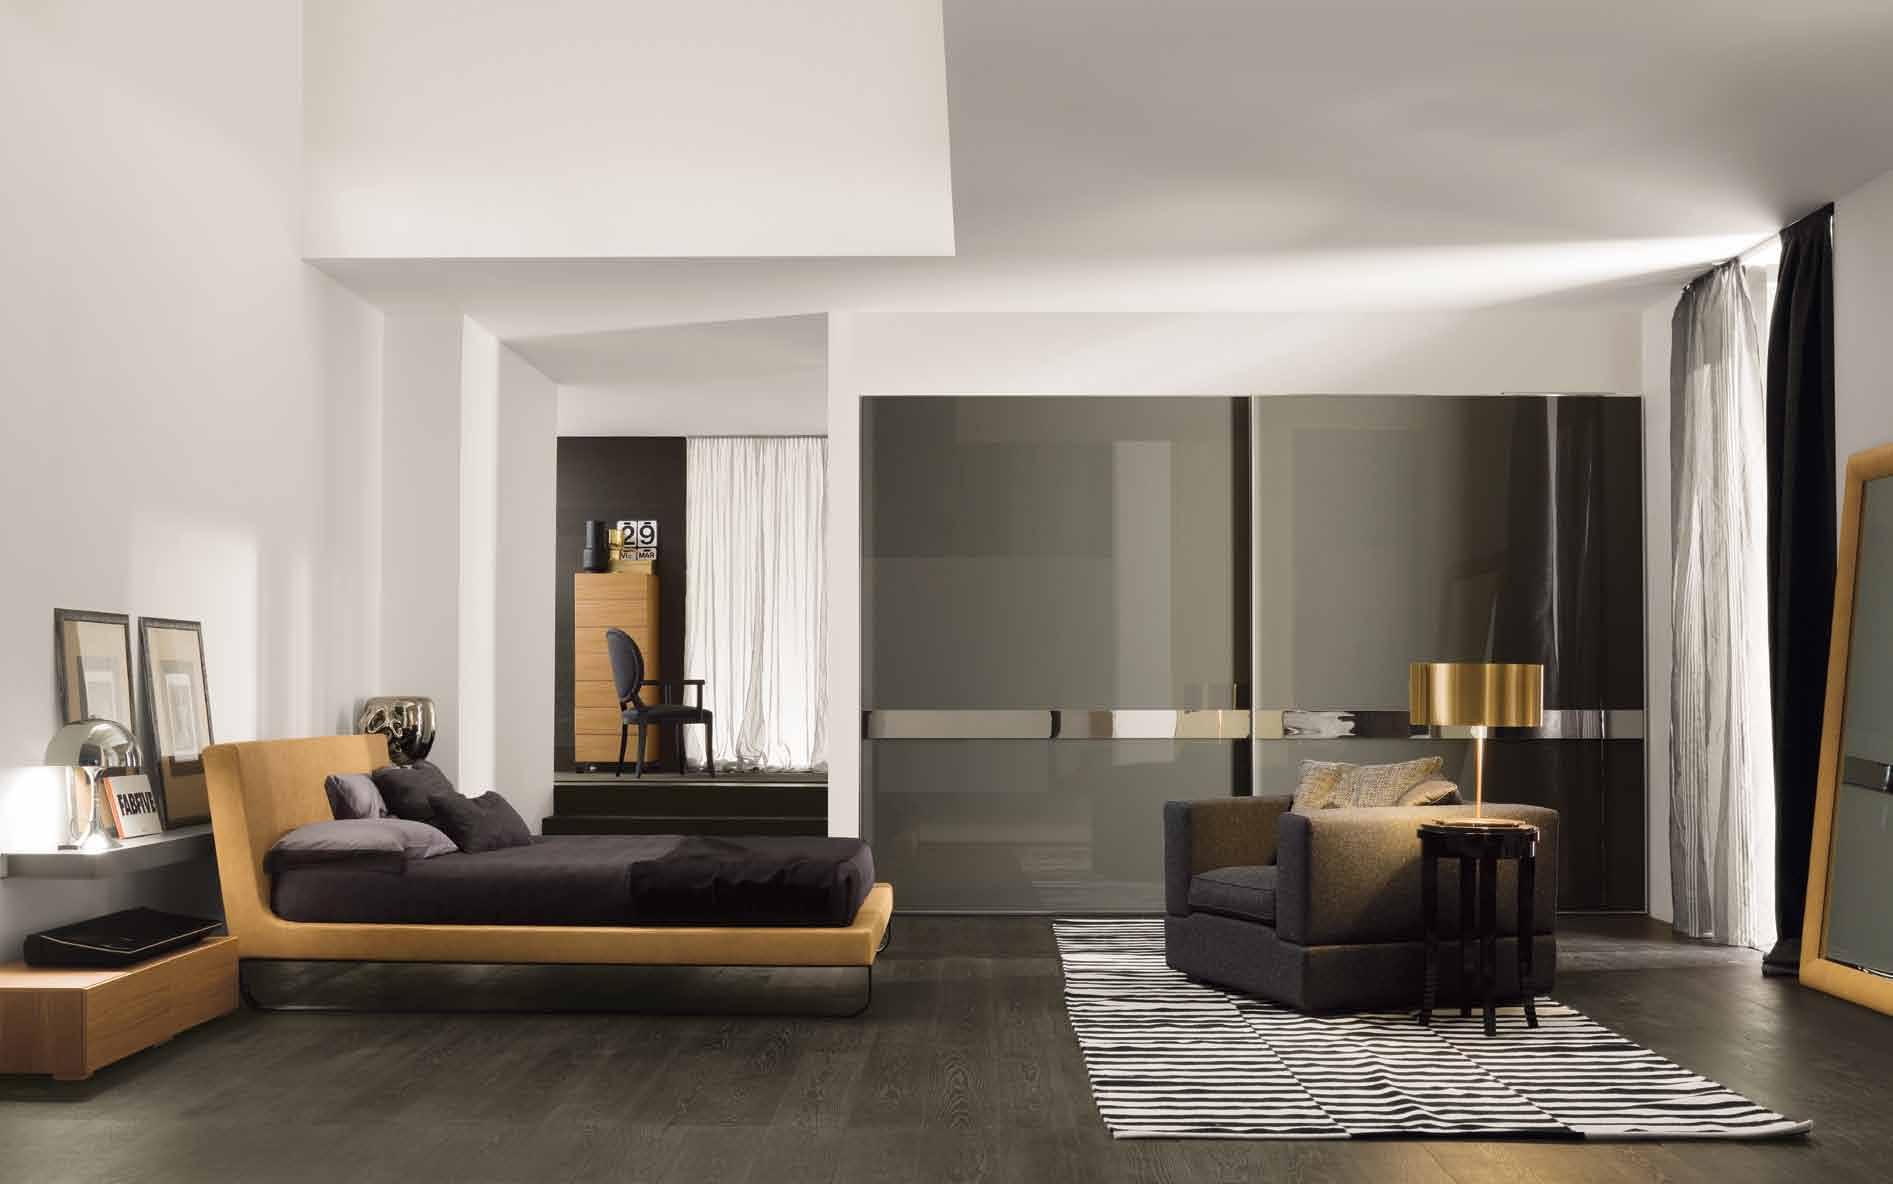 elegant-værelses-design-med-lys-brun-sofa-og-brun-kingsize-seng-og-sofa-on-tæppe-og-træ-gulve